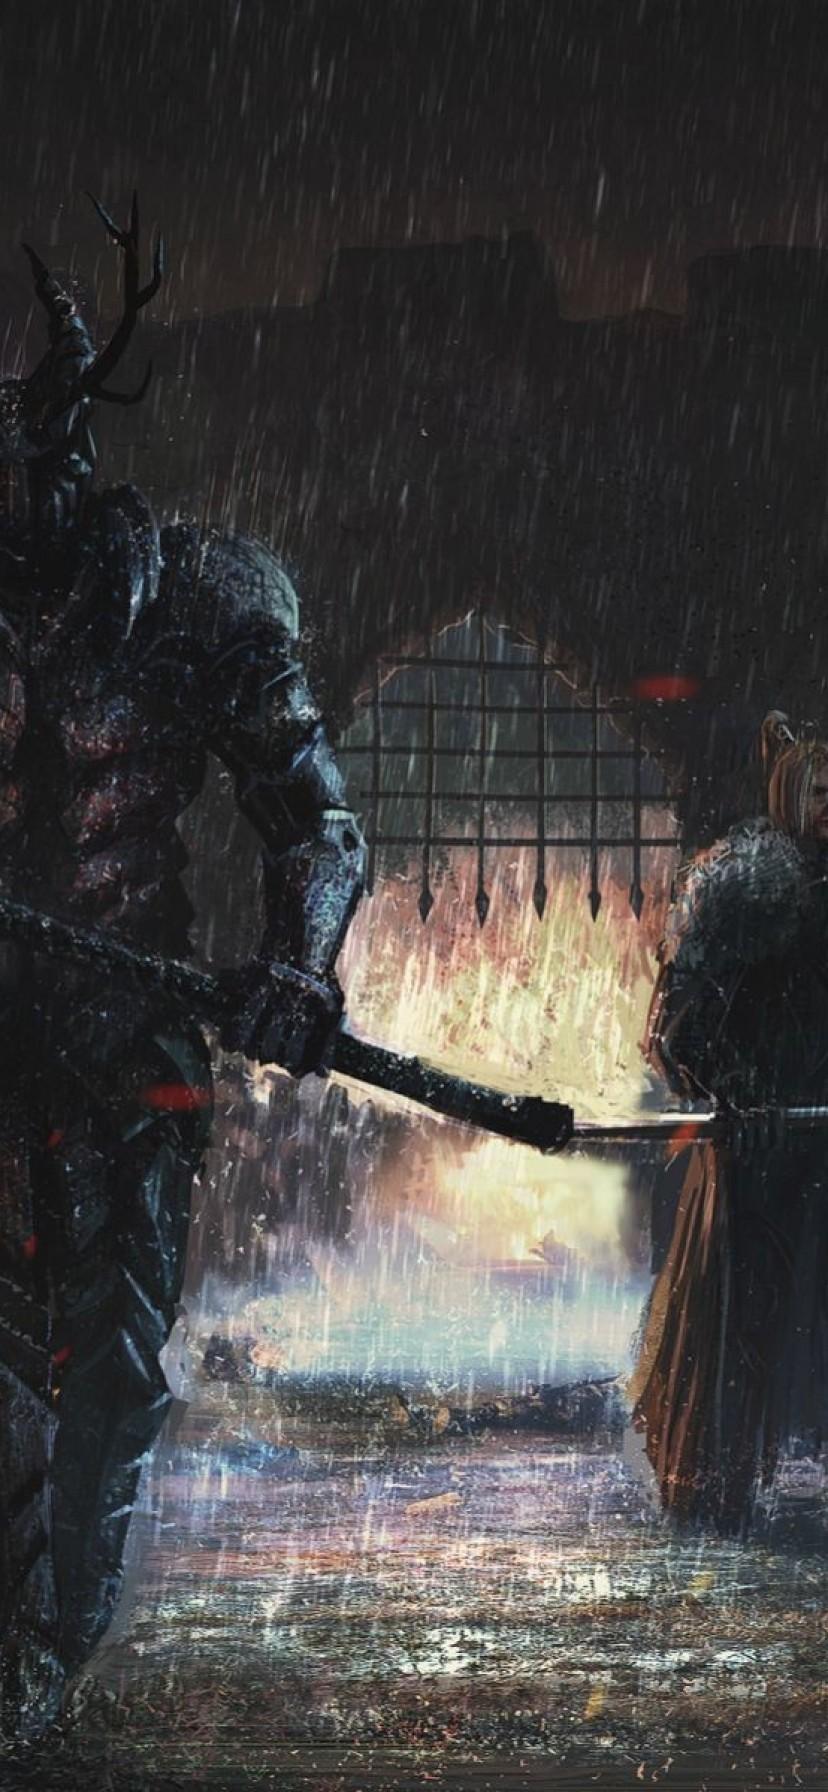 Iphone Xr Game Of Thrones Wallpaper - Game Of Thrones Robert Baratheon Hammer - HD Wallpaper